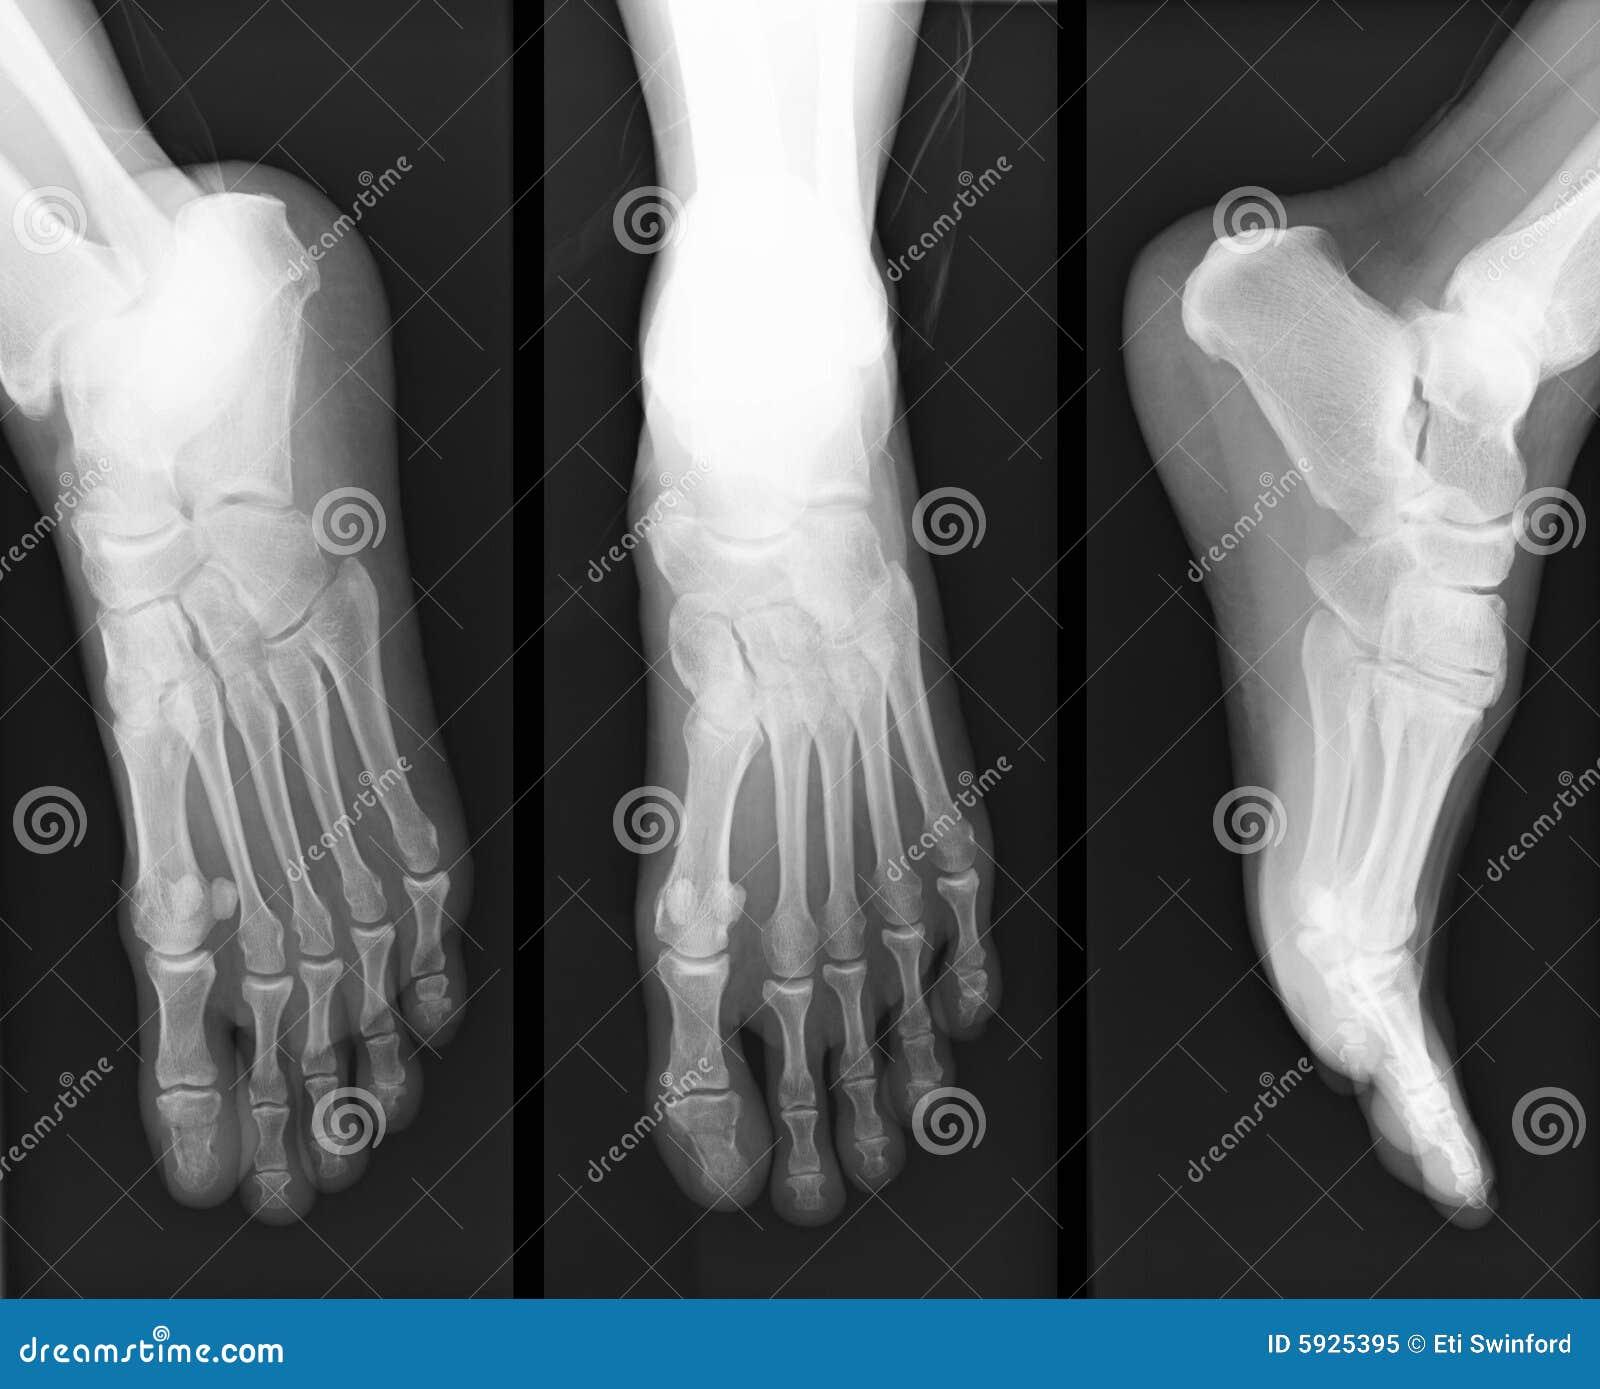 De röntgenstraal van de voet